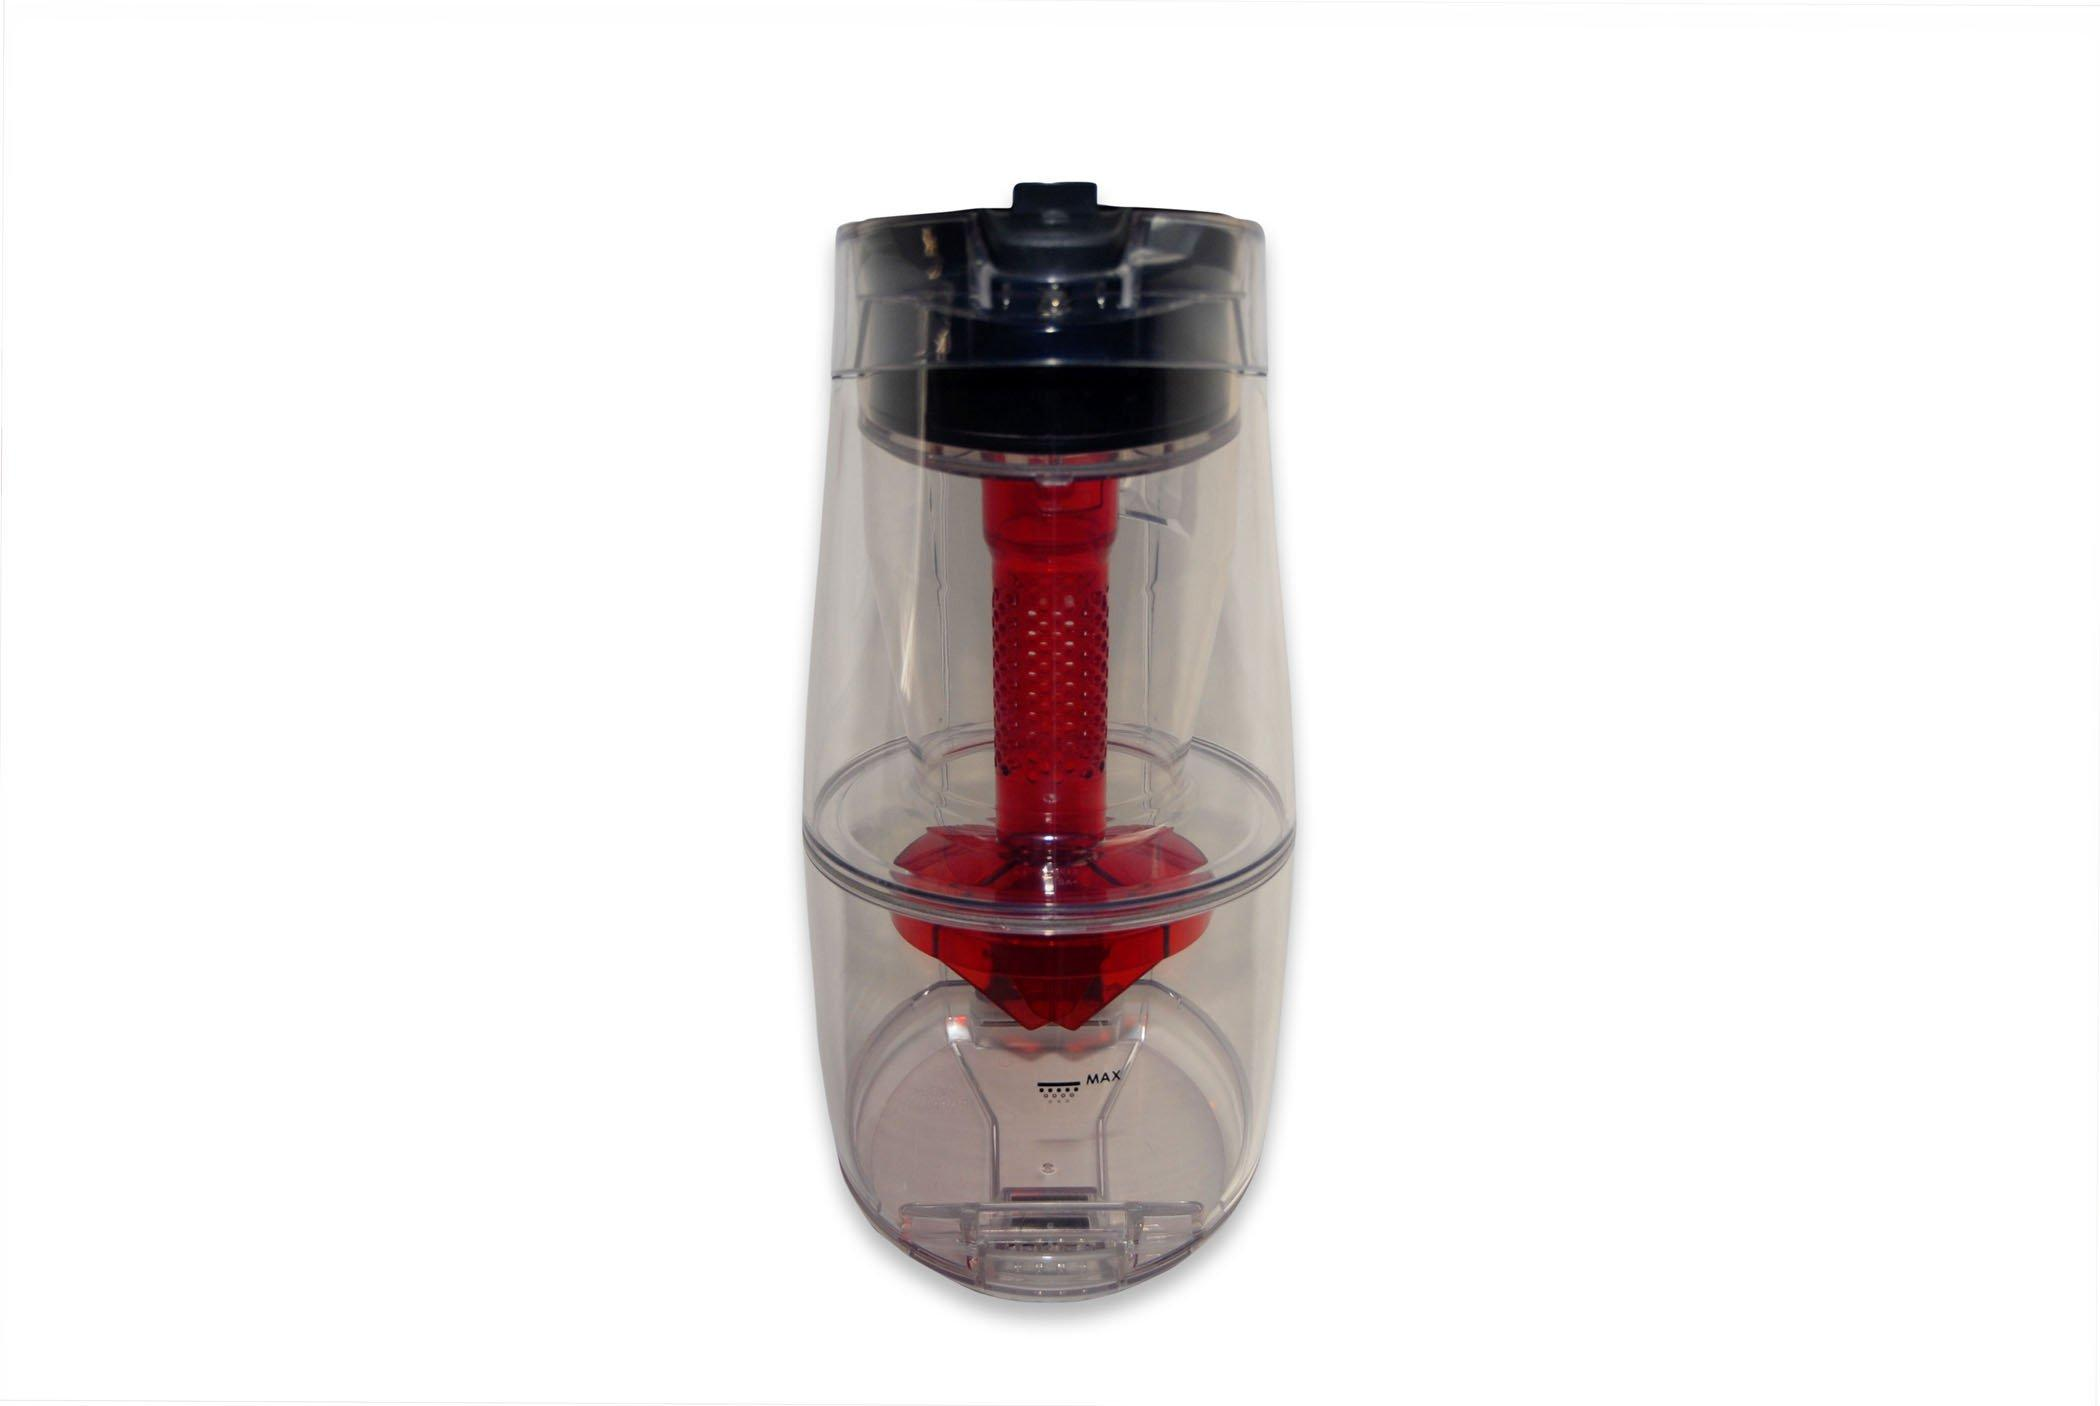 Dirt Cup - Platinum Stick Vacuum